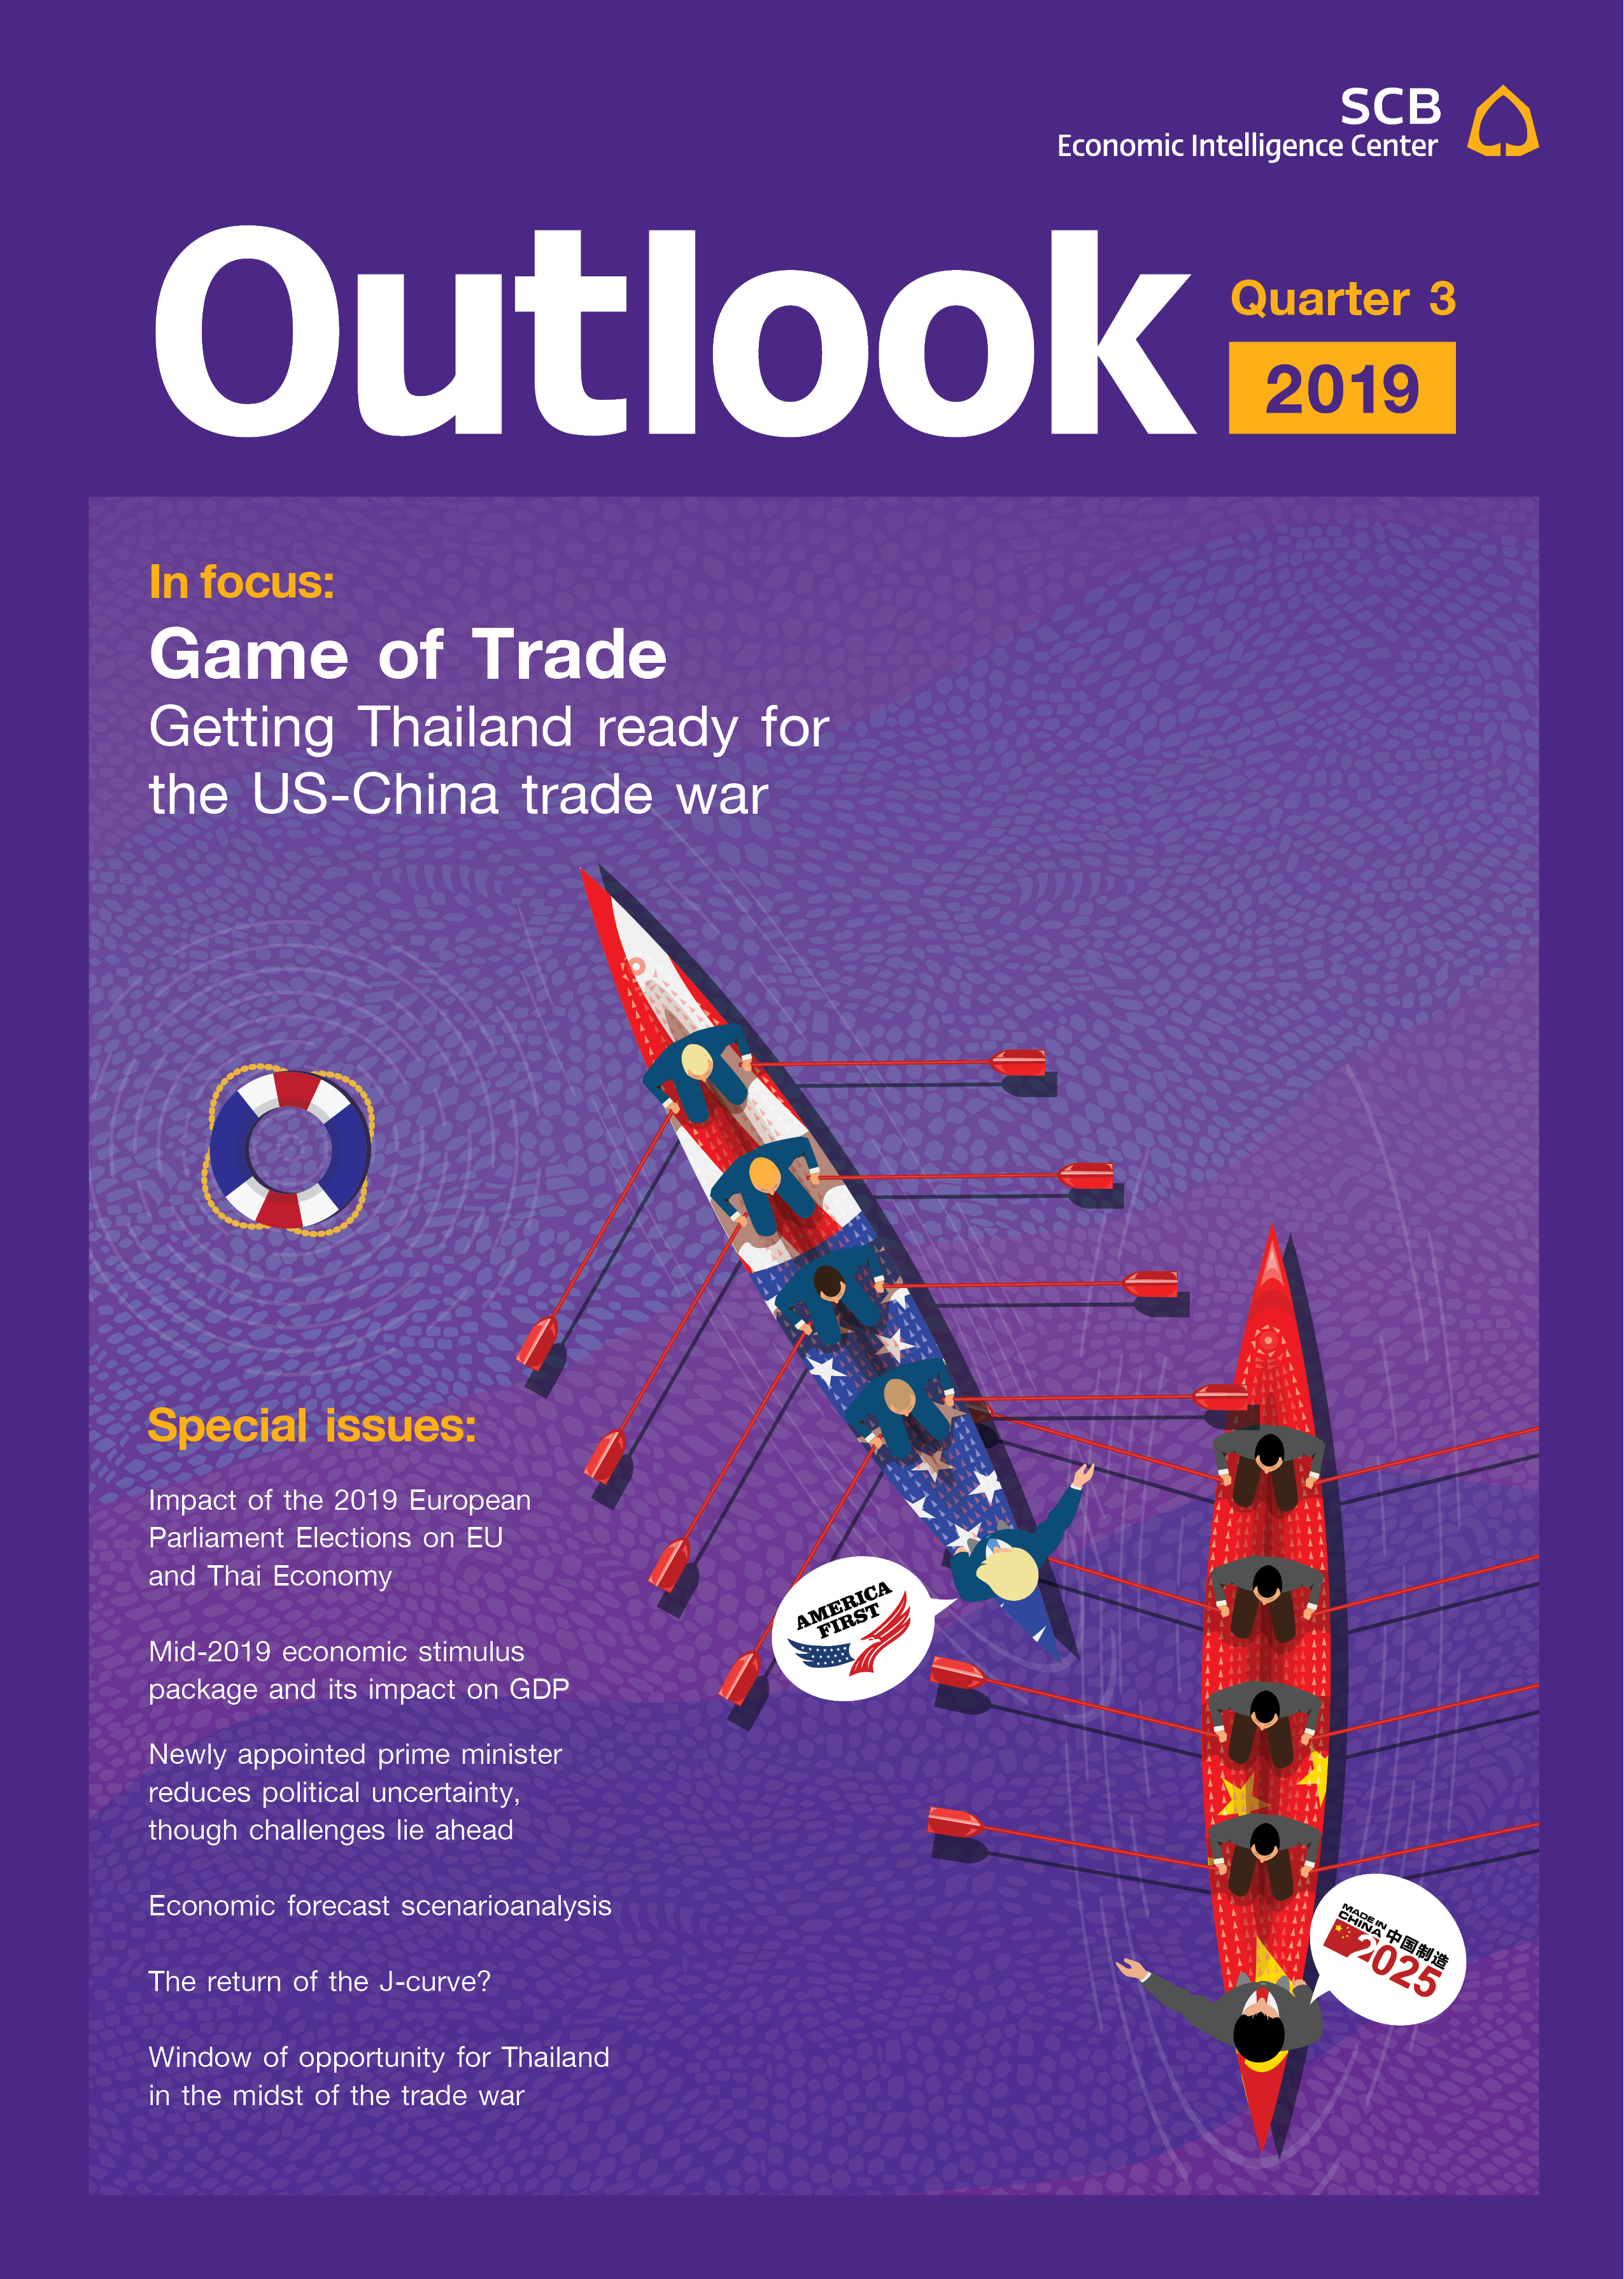 Outlook Quarter 3/2019 | Economic Intelligence Center (EIC)